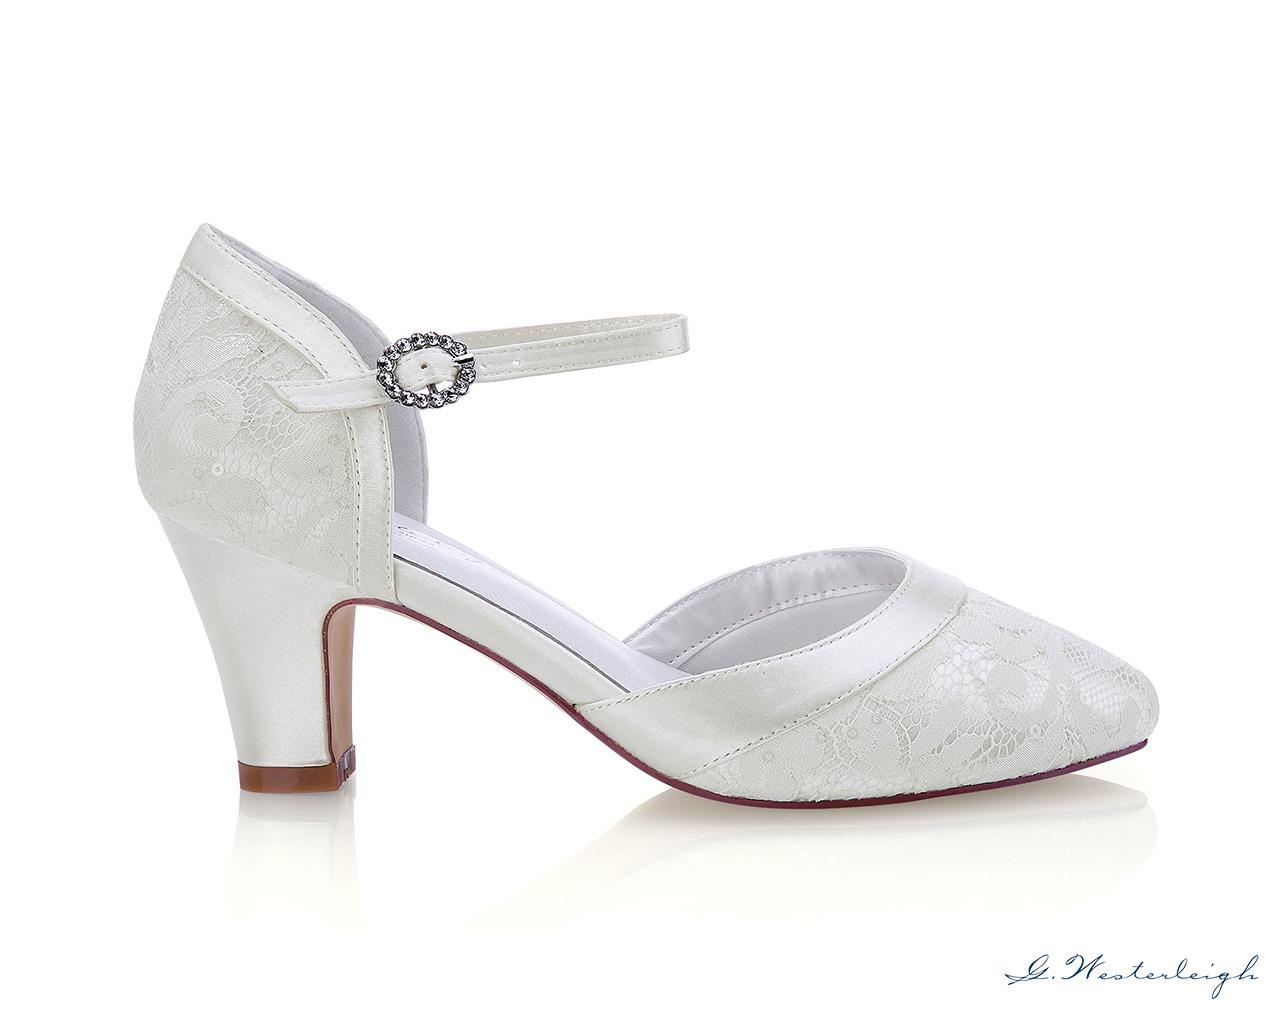 Svadobné topánky Livia - Obrázok č. 3